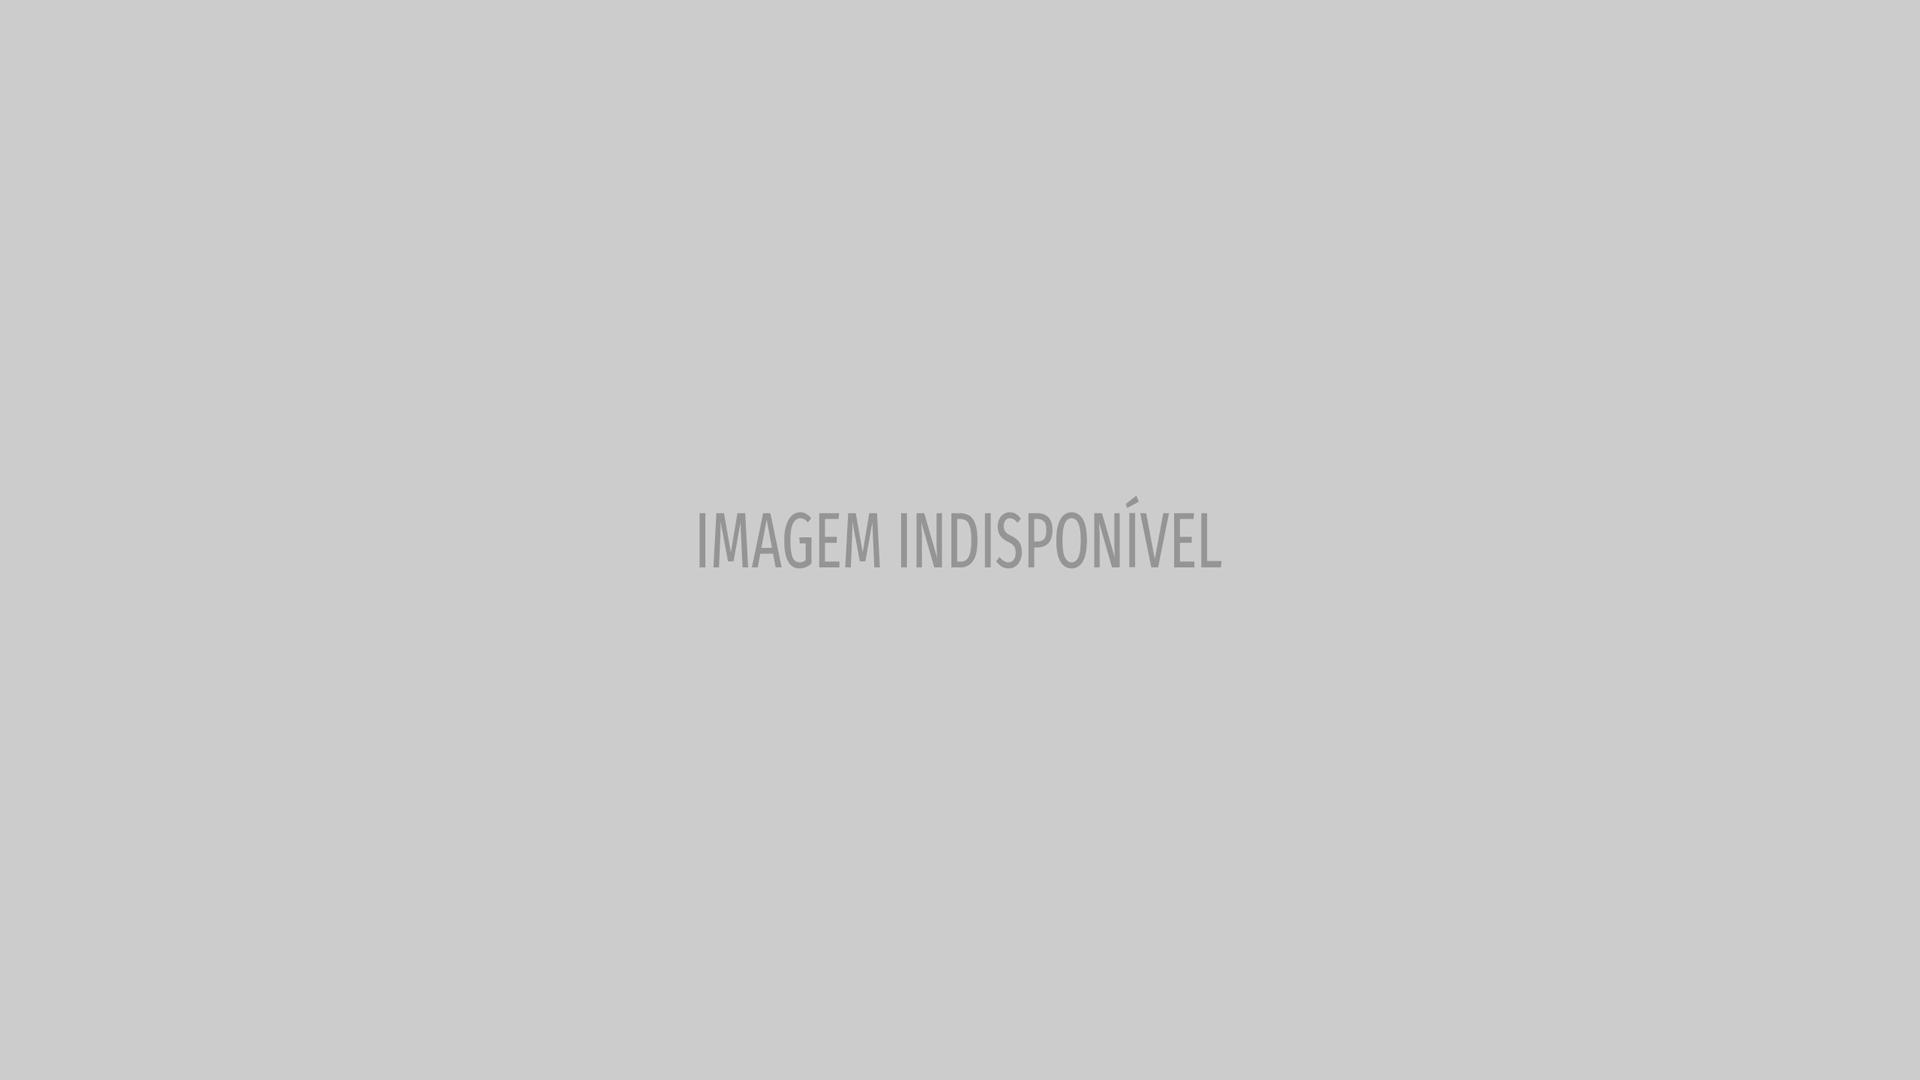 Coágulo diminui, mas prefeito segue internado para tratar câncer